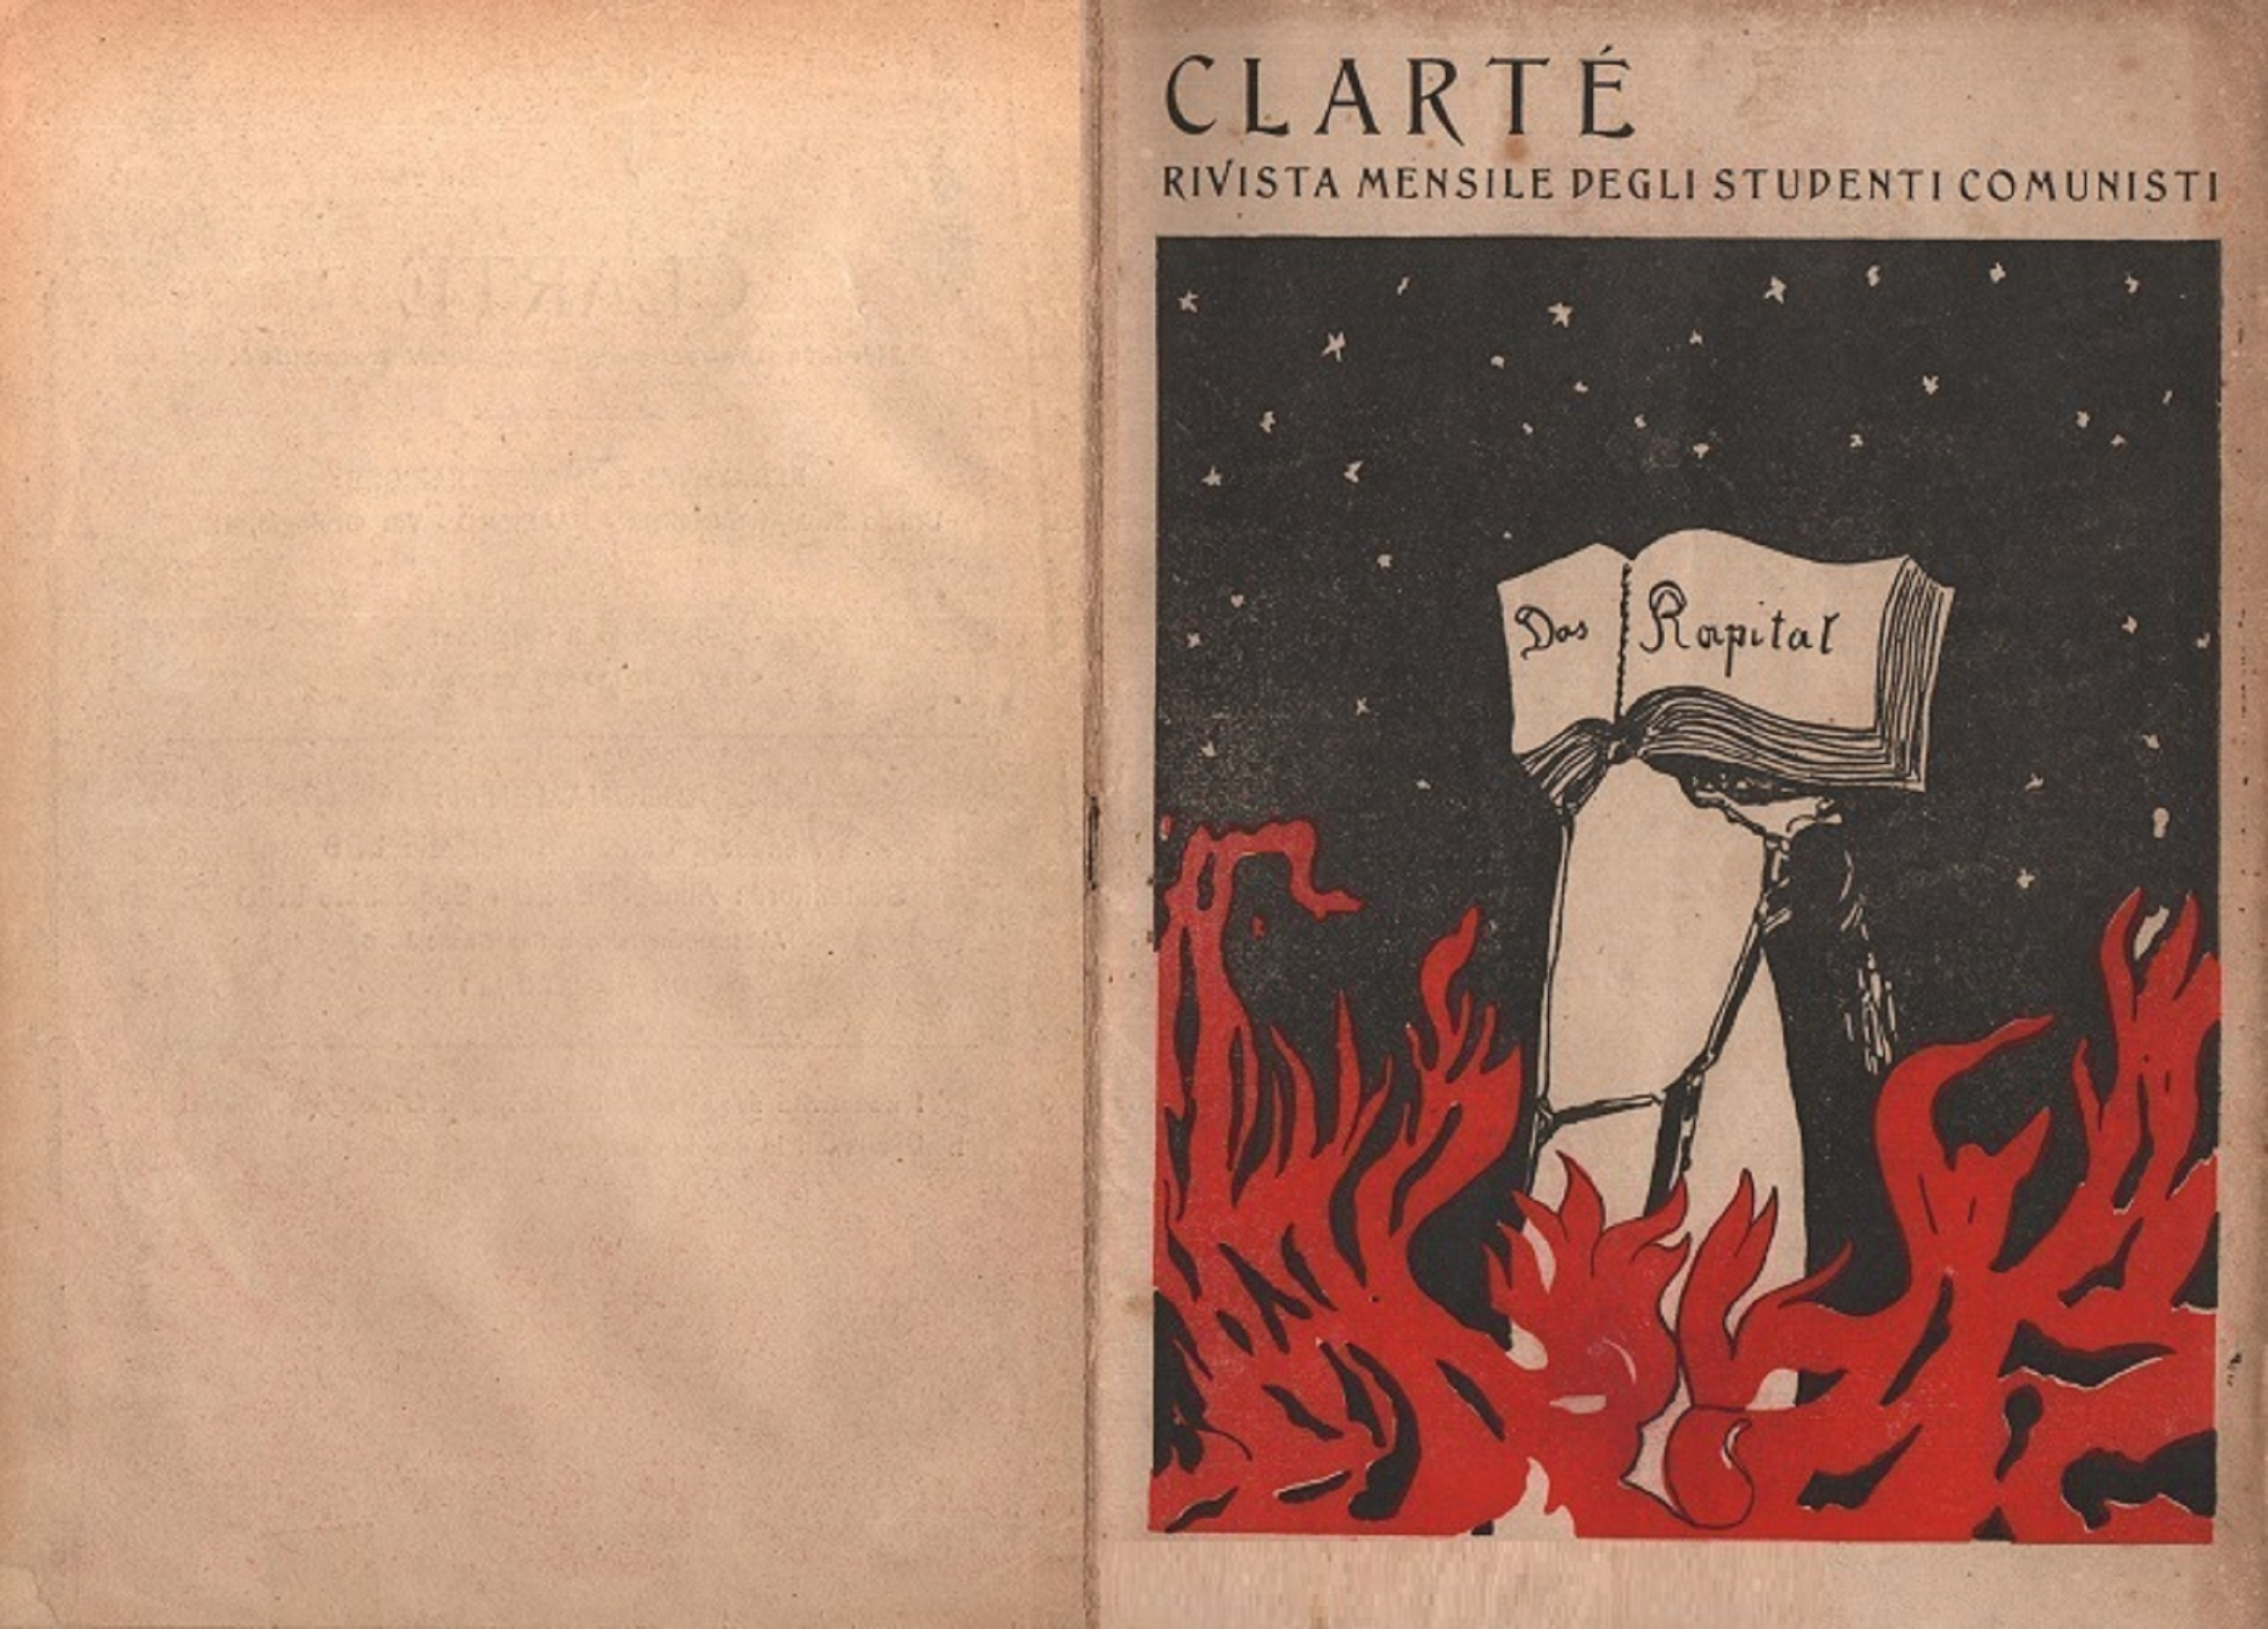 Clarté. Rivista mensile degli studenti comunisti (a. I, n. 2, Palermo, 15 giugno 1920) - pag. 1